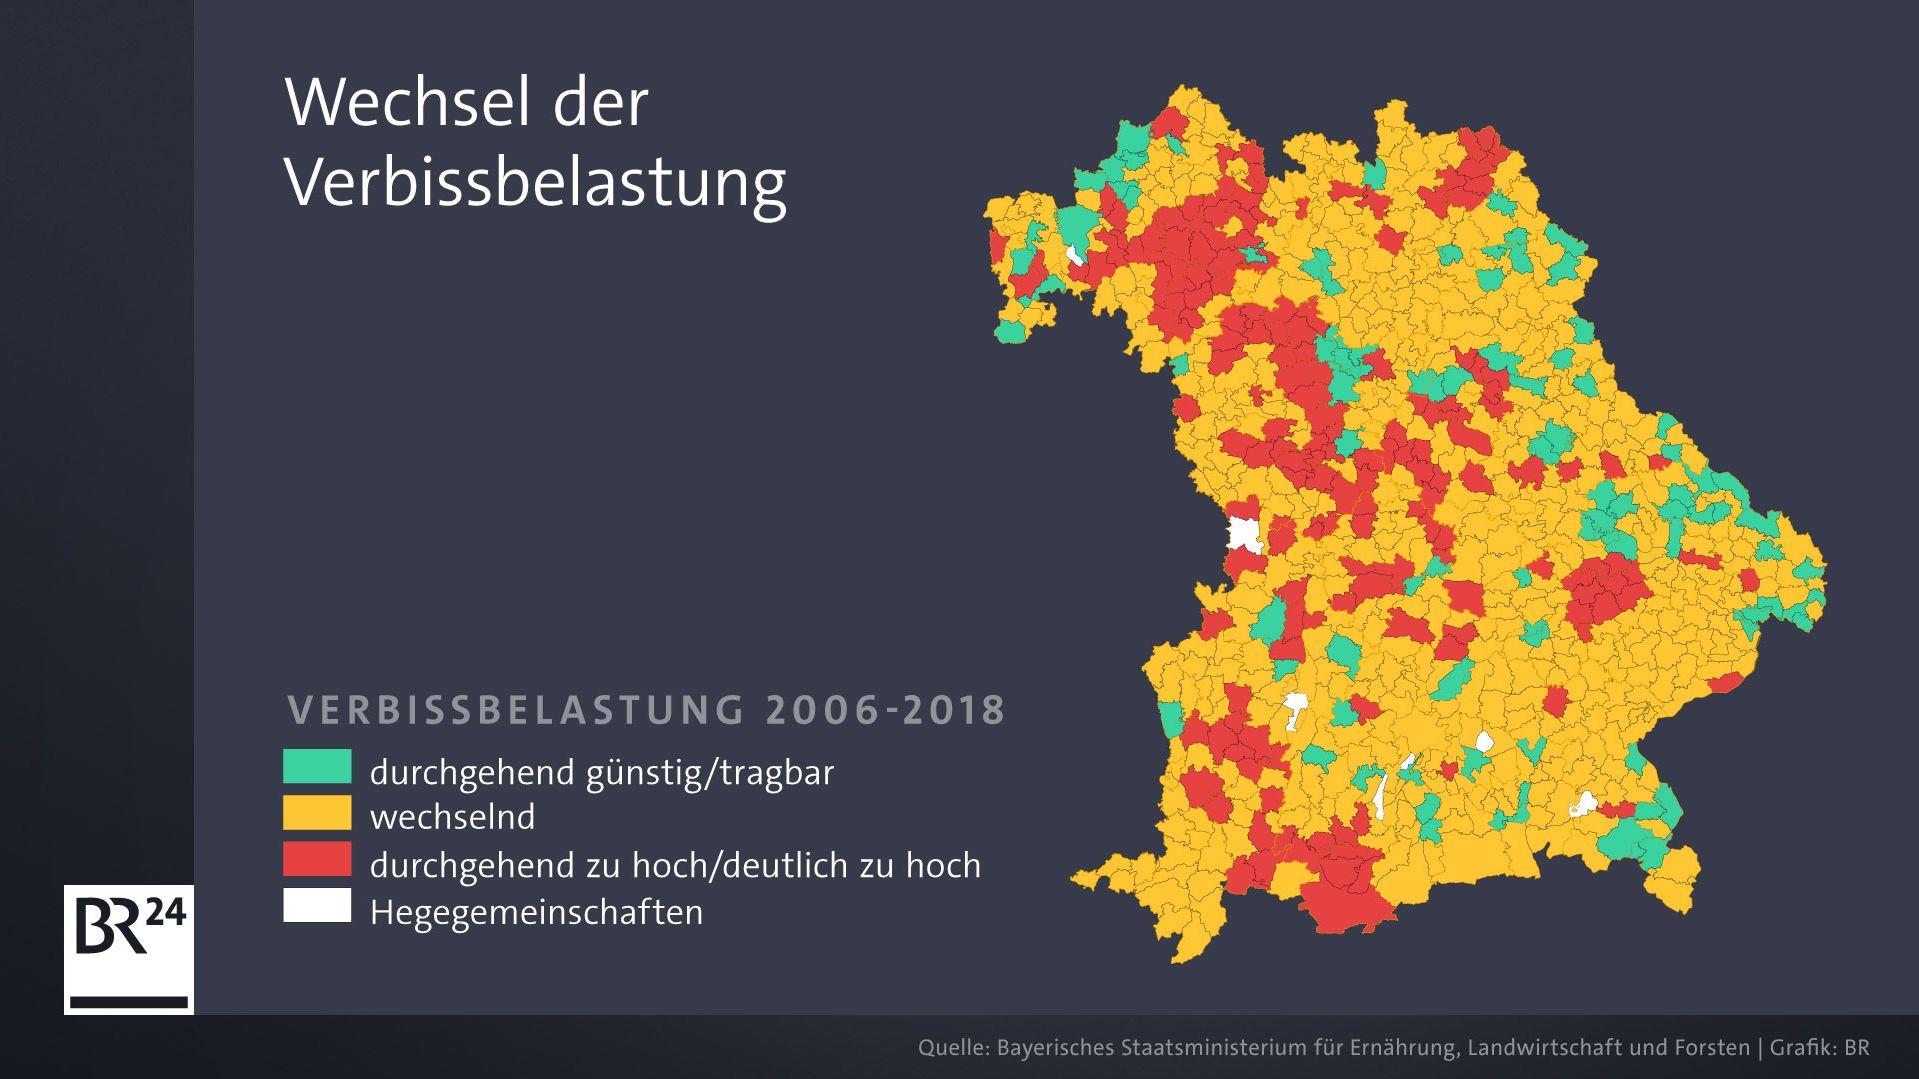 Der Wechsel der Verbissbelastung zwischen 2006 und 2018